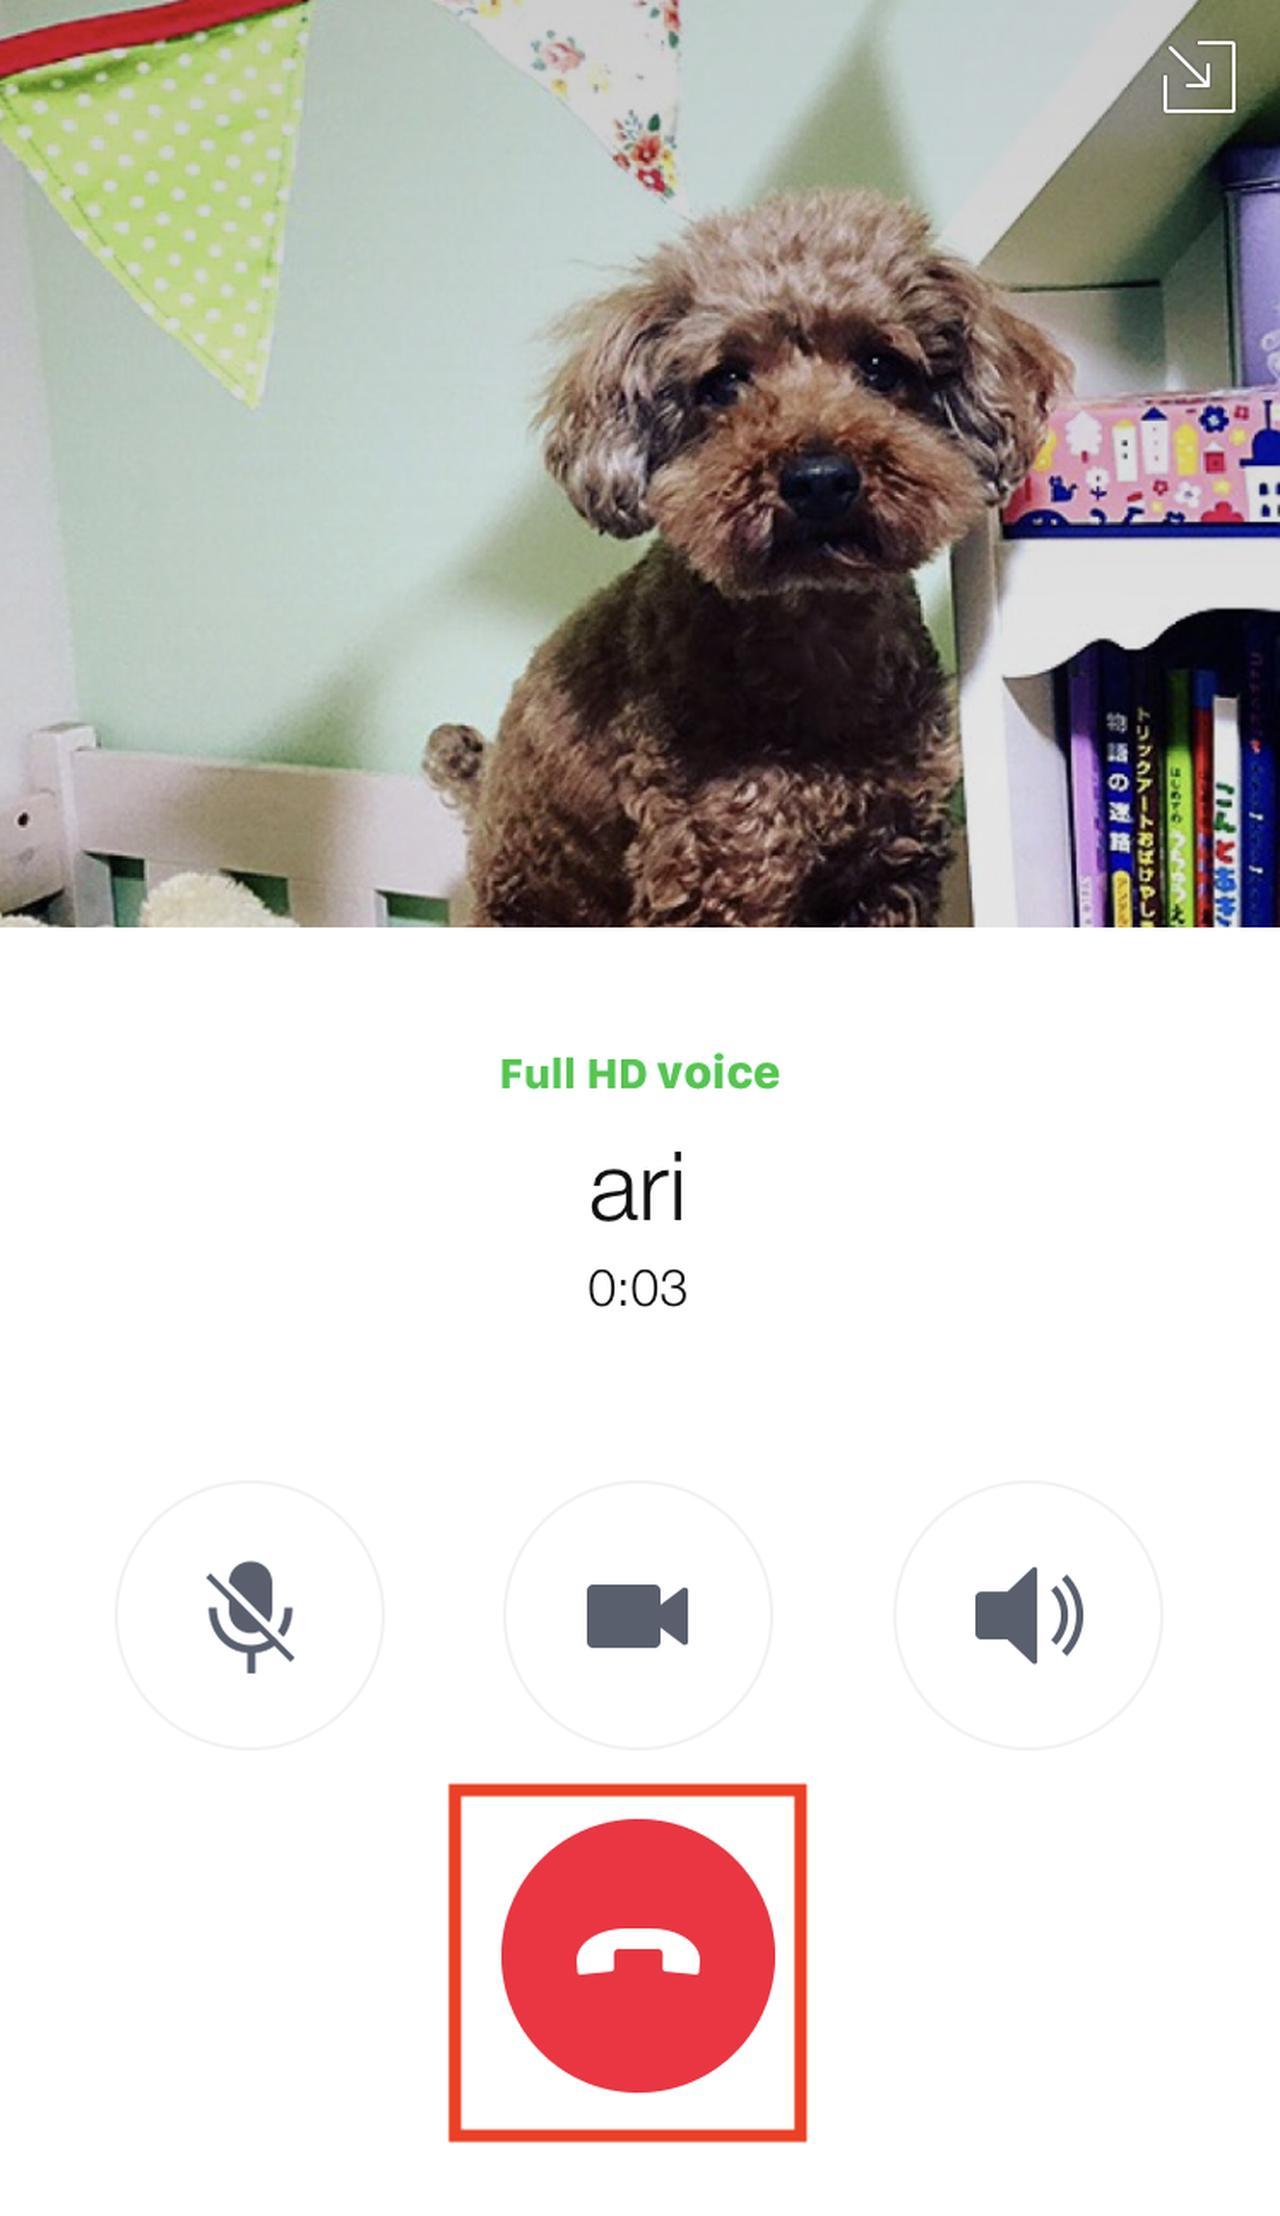 画像: 電話を切る時は、赤い受話器マークをタッチします。